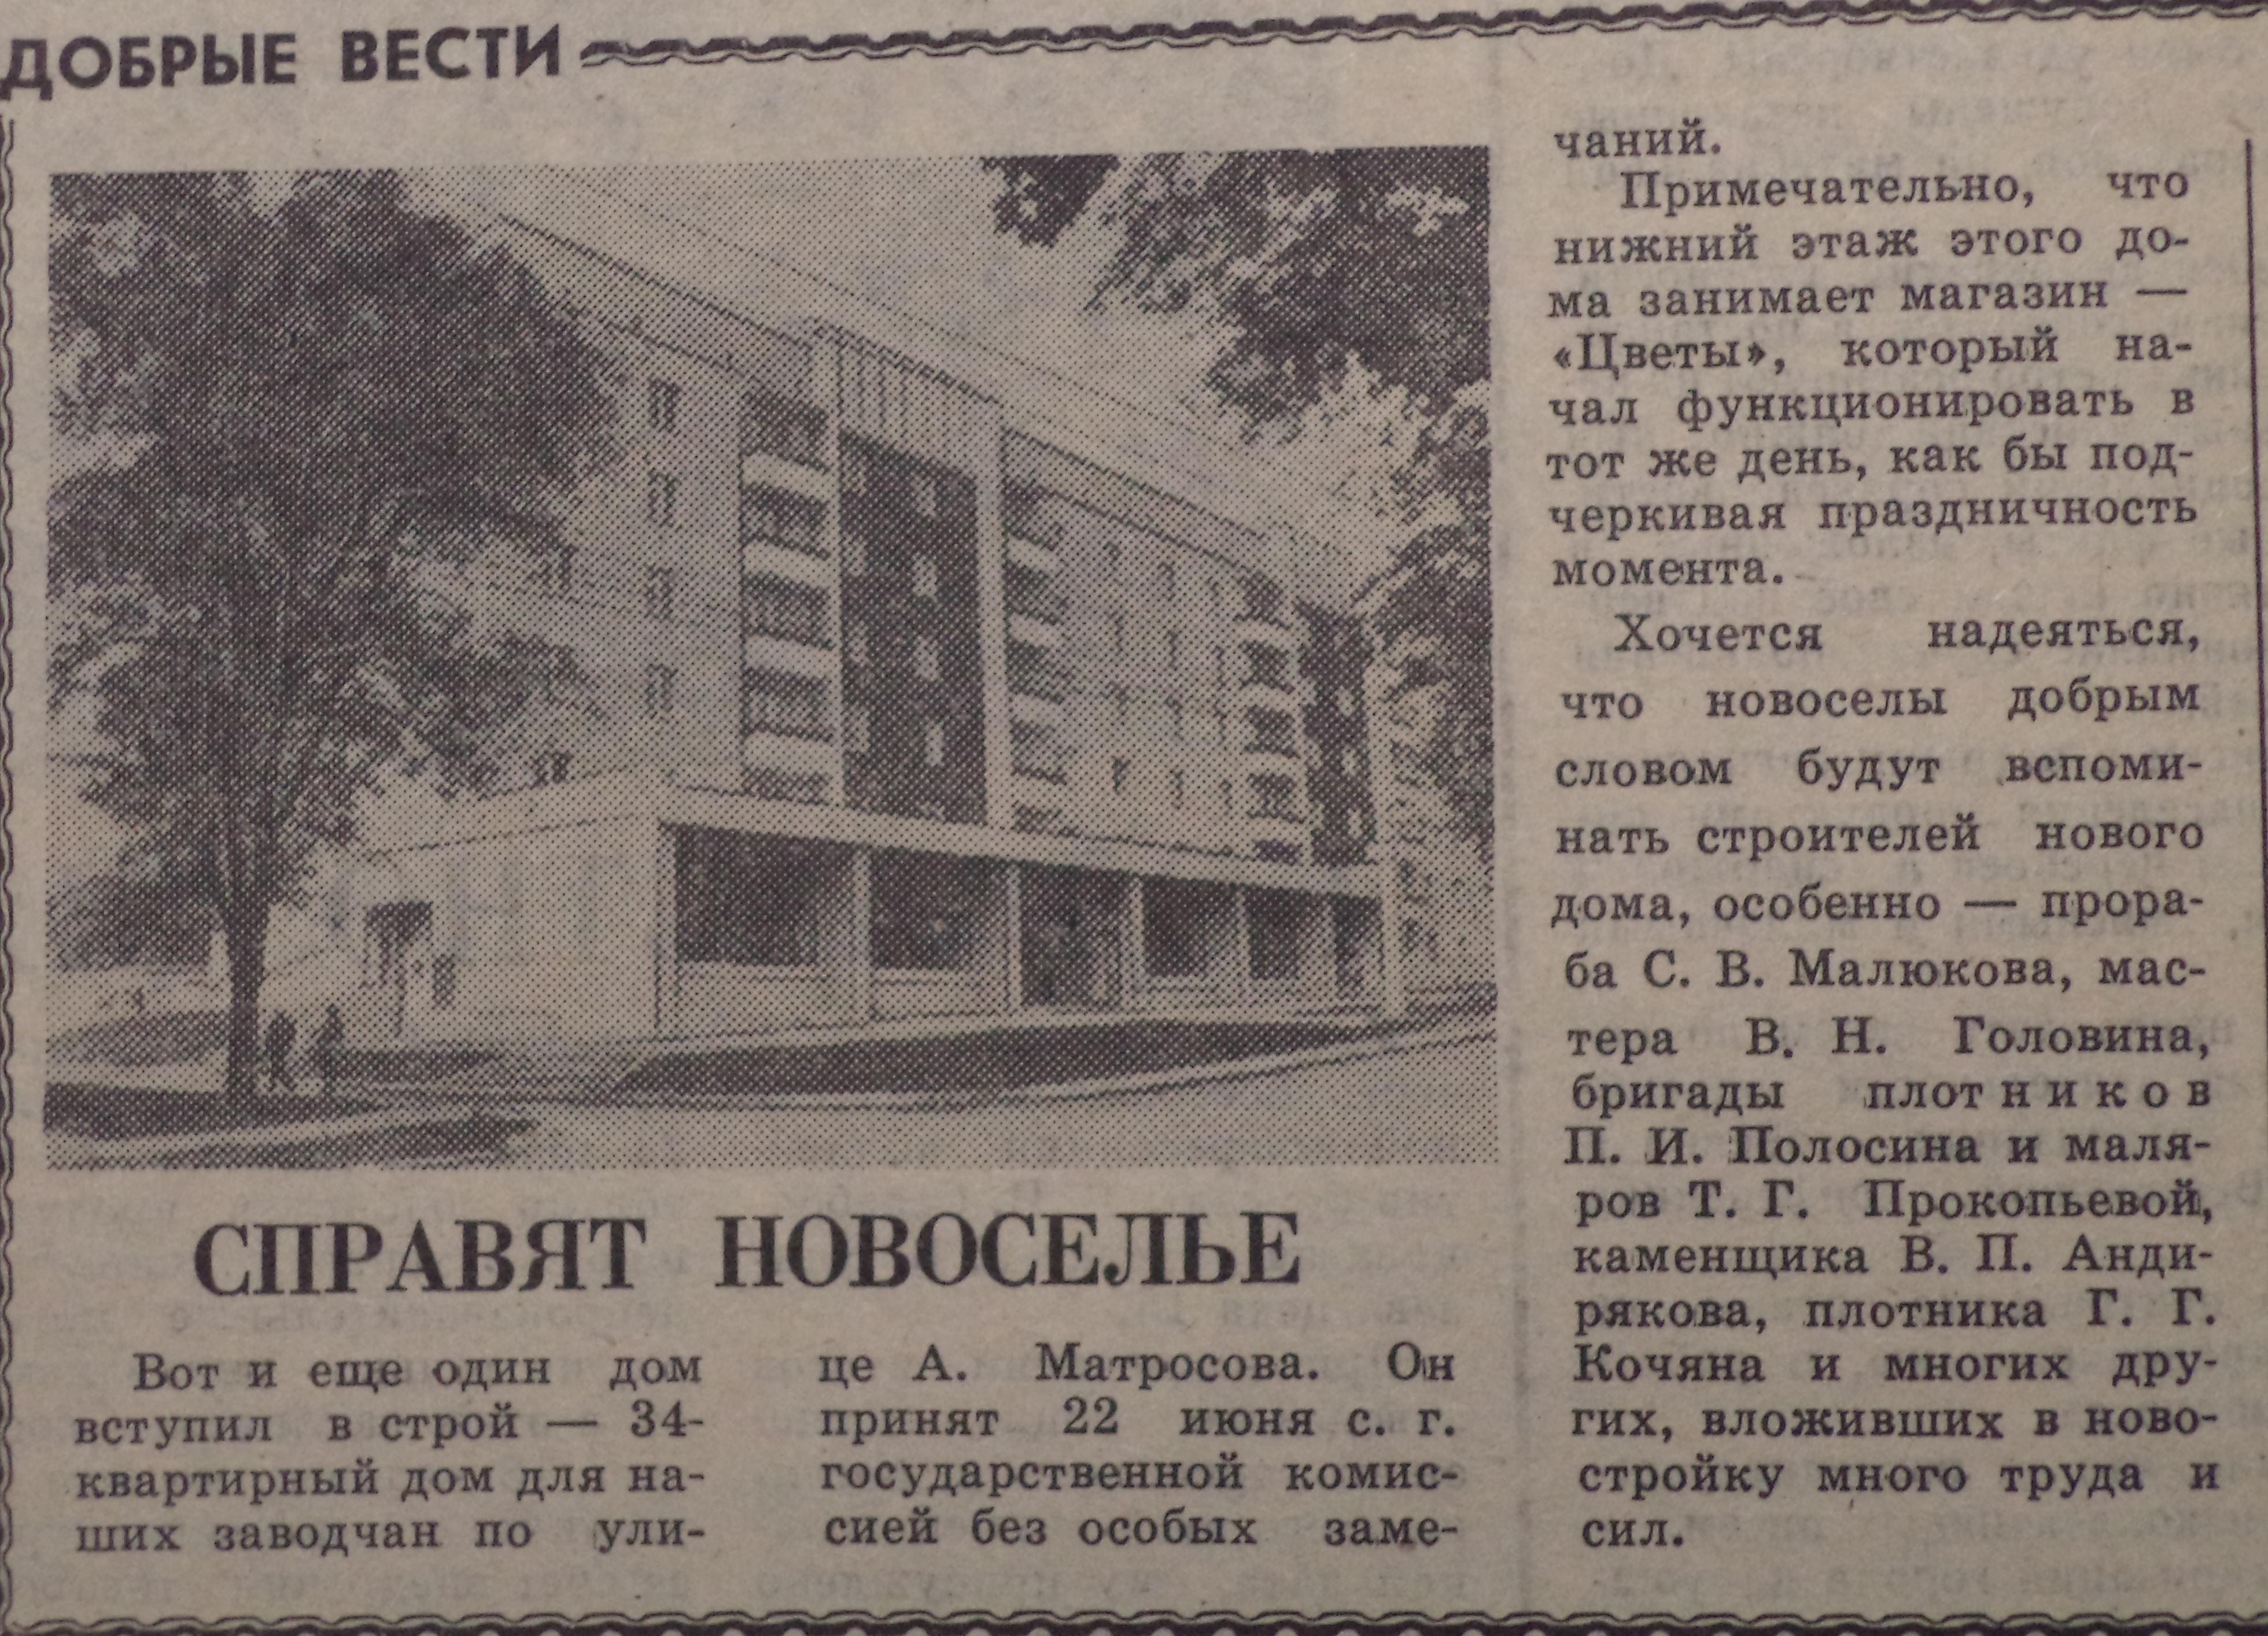 ФОТО 28-АМатросова-Передовик-1988-28 июня